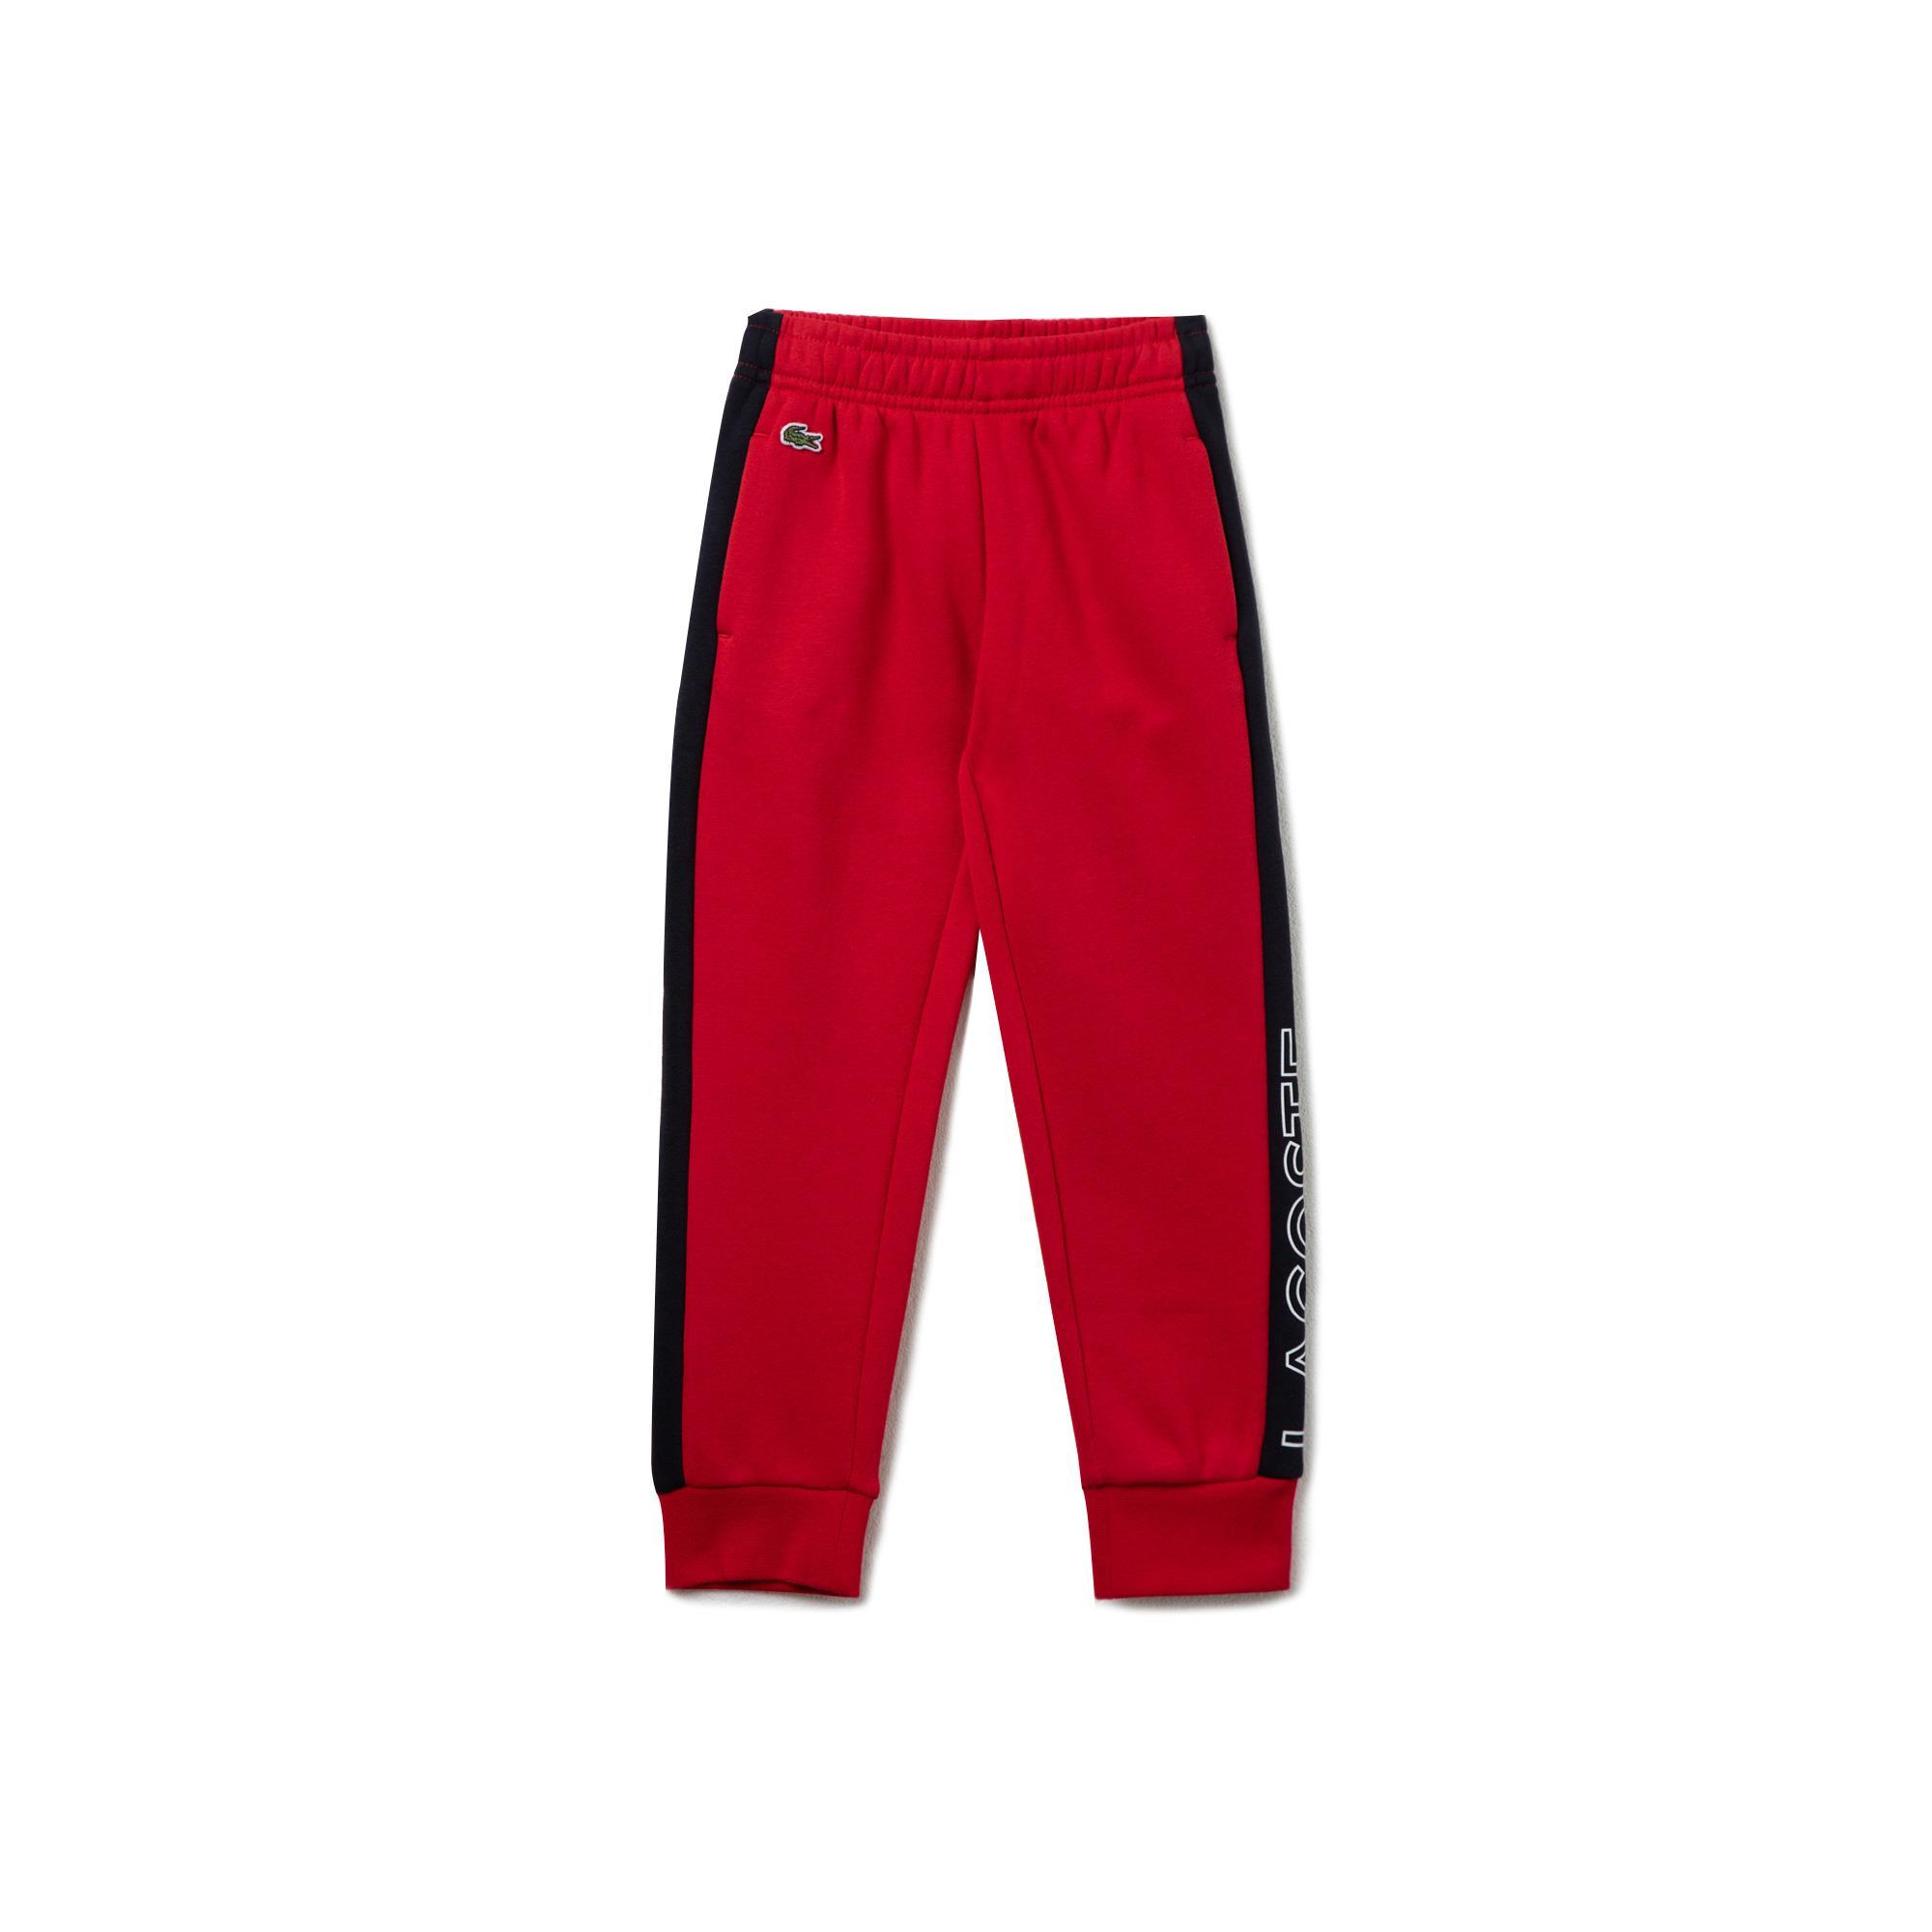 Lacoste Sport Çocuk Baskılı Lacivert - Kırmızı Eşofman Altı